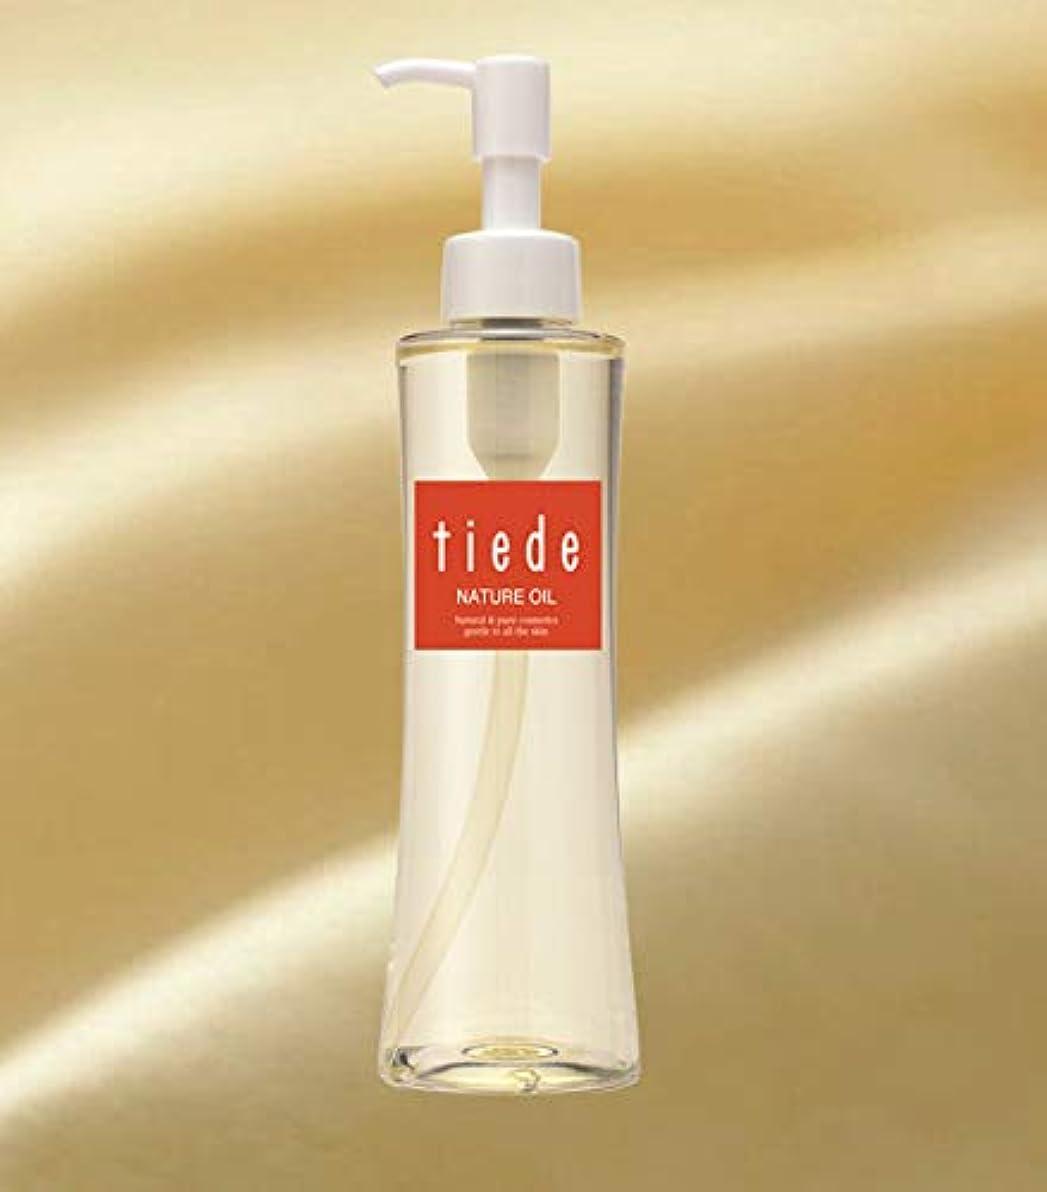 謙虚食物水族館ティエード ナテュールオイル (200mL) Tiede Natural Oil